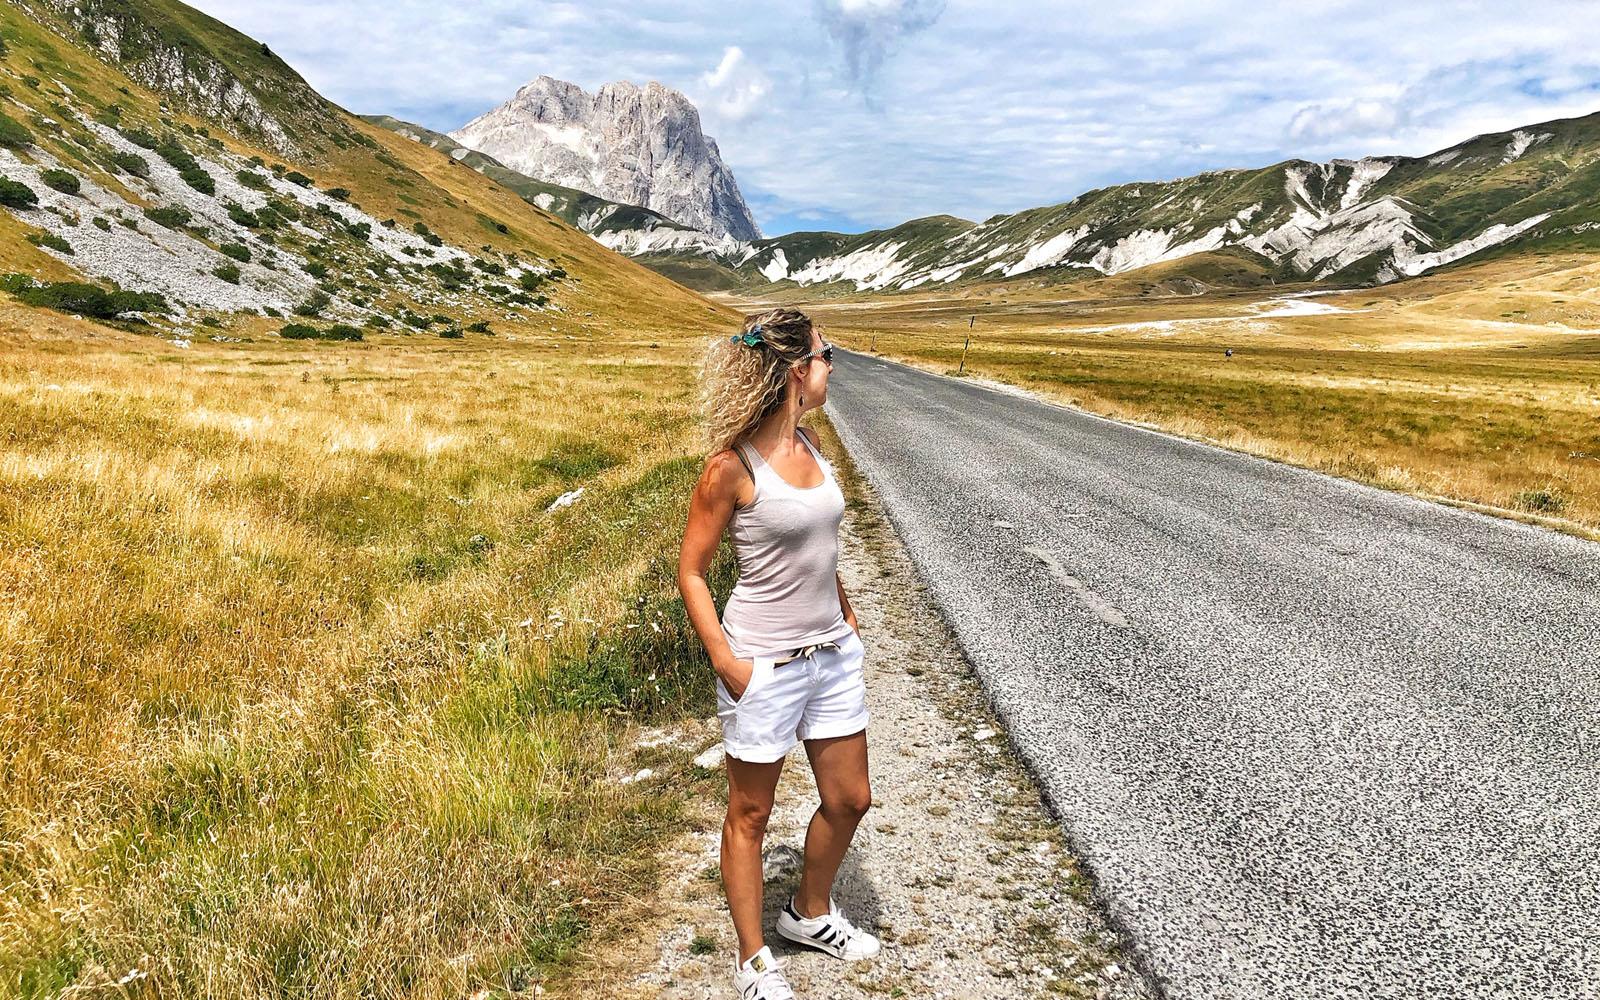 La wilderness del Parco del Gran Sasso con, alle spalle, il Grande Corno.